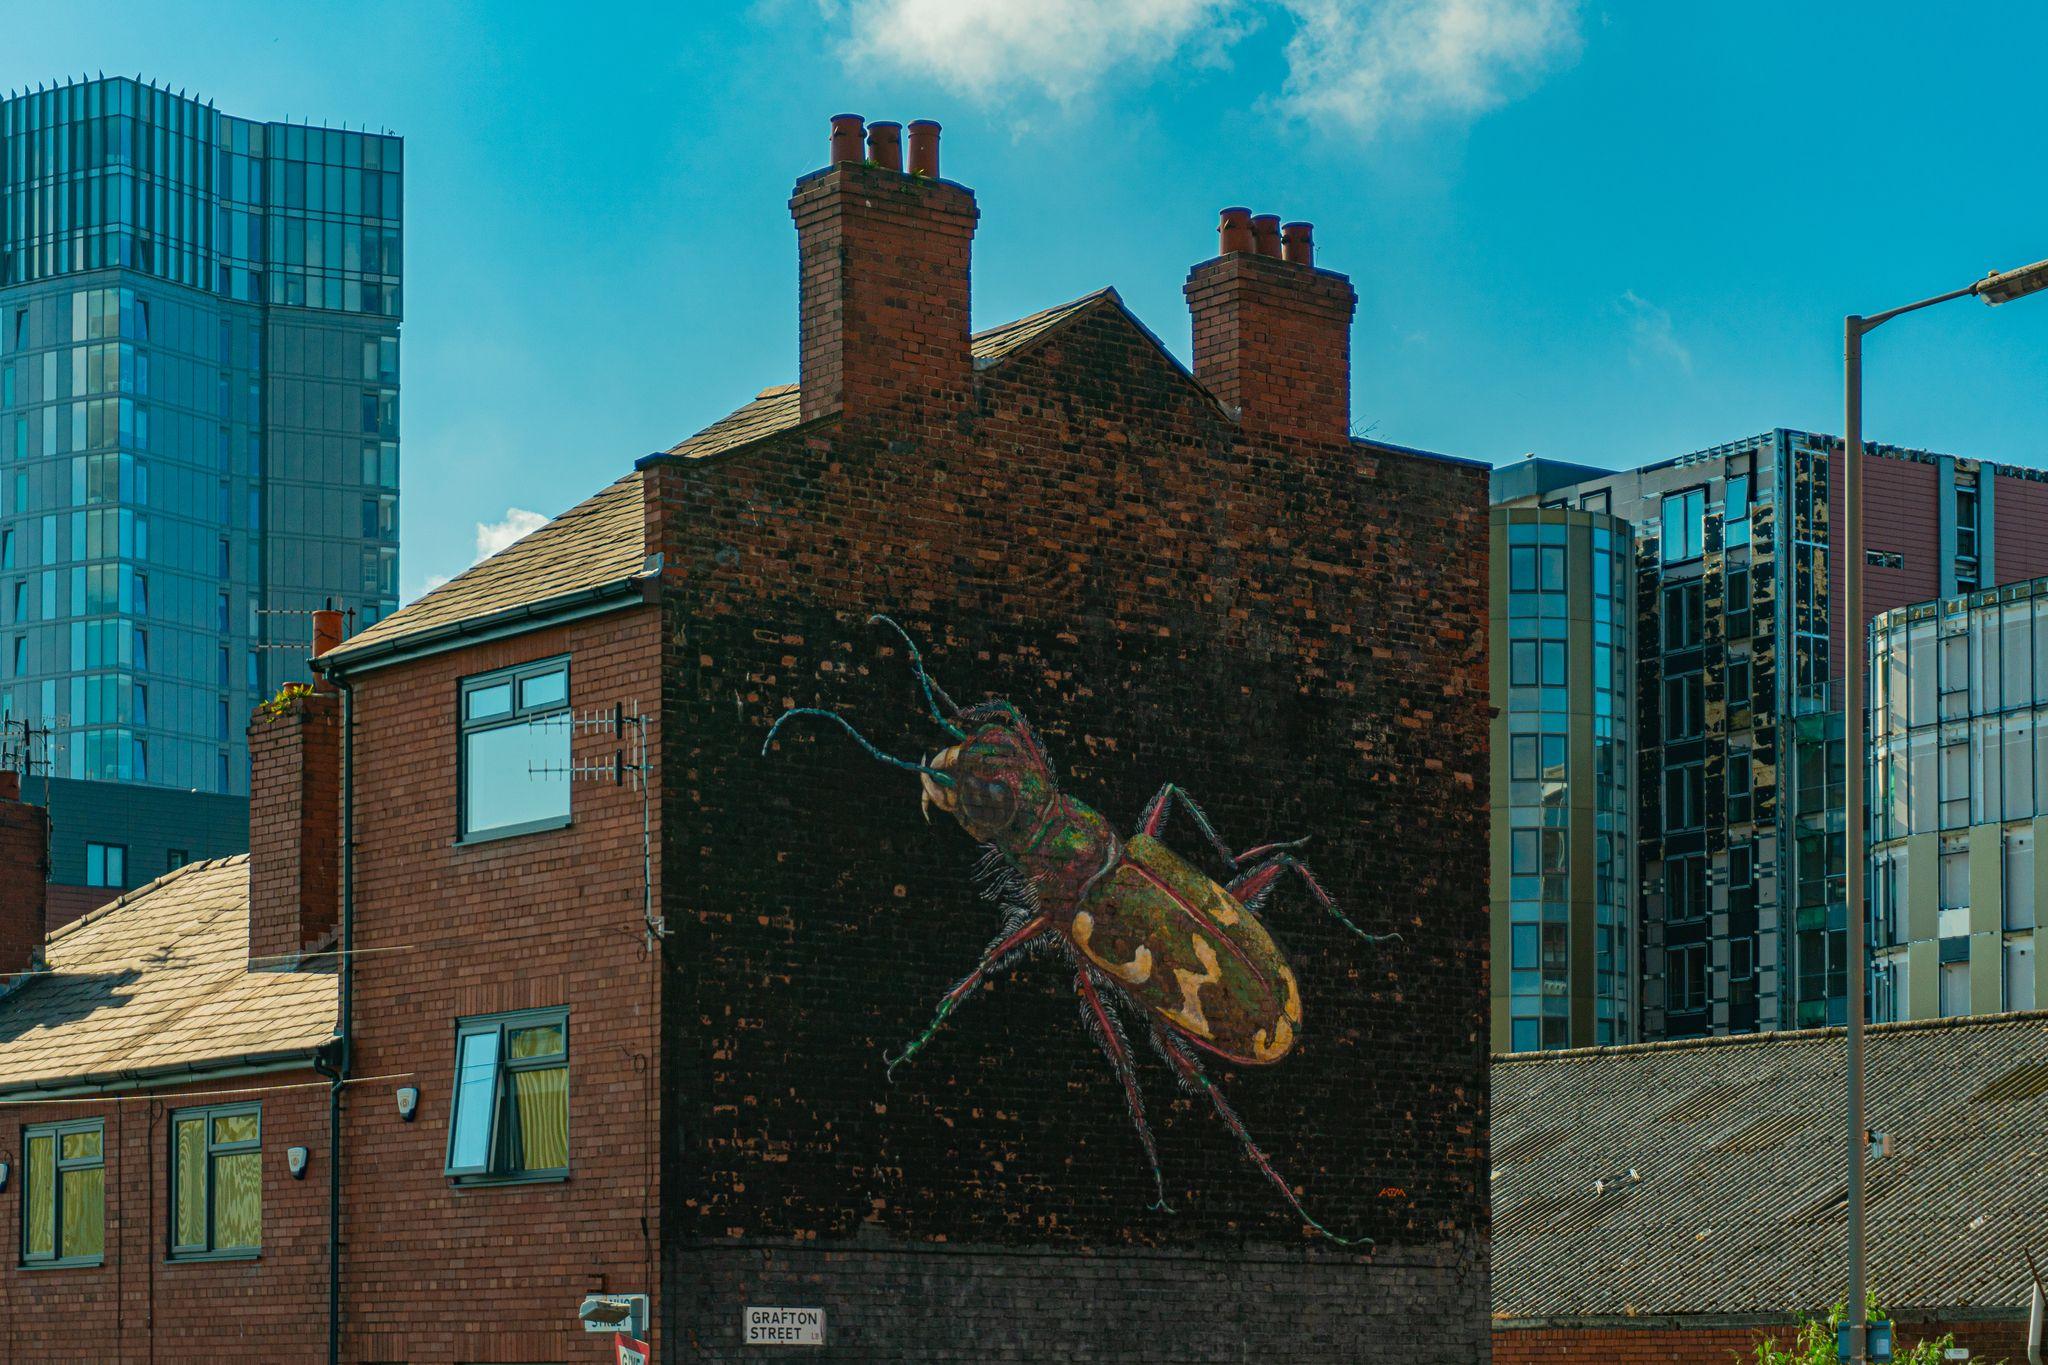 ATM Mural